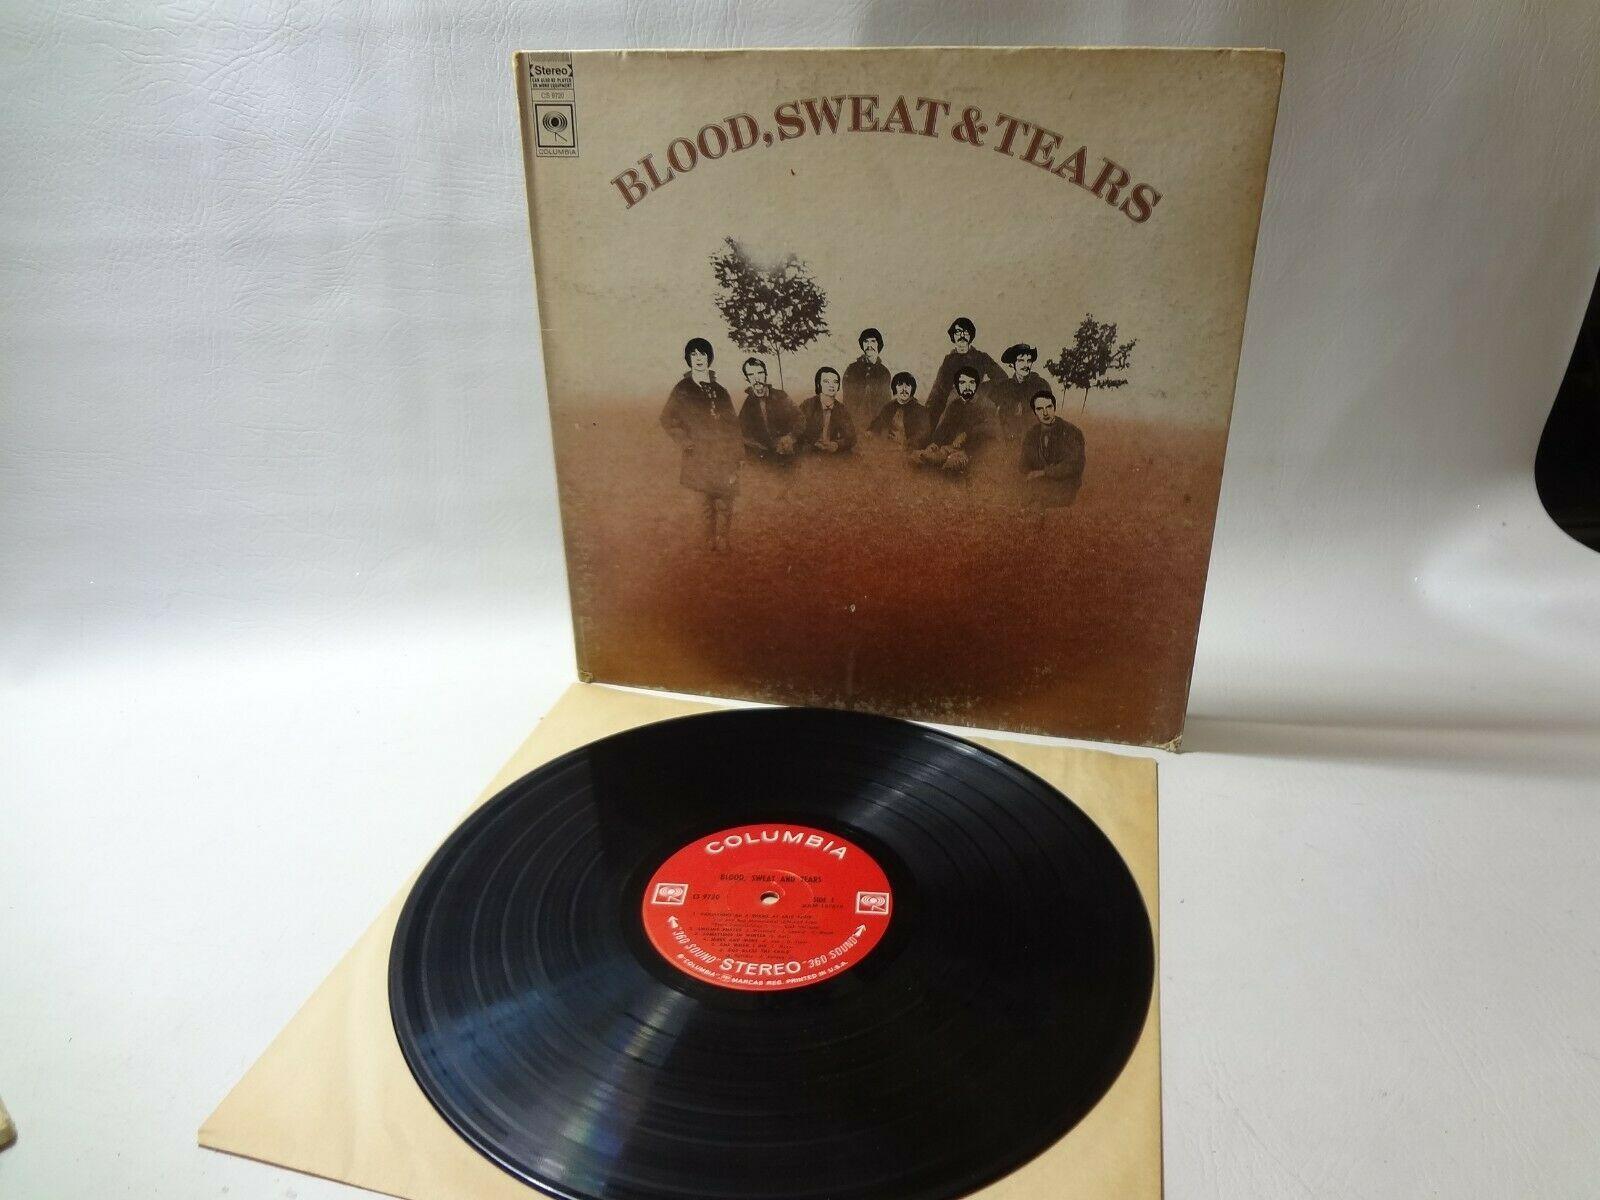 """BLOOD SWEAT AND TEARS """"BLOOD SWEAT AND TEARS"""" LP RECORD CS 9720 VINYL"""